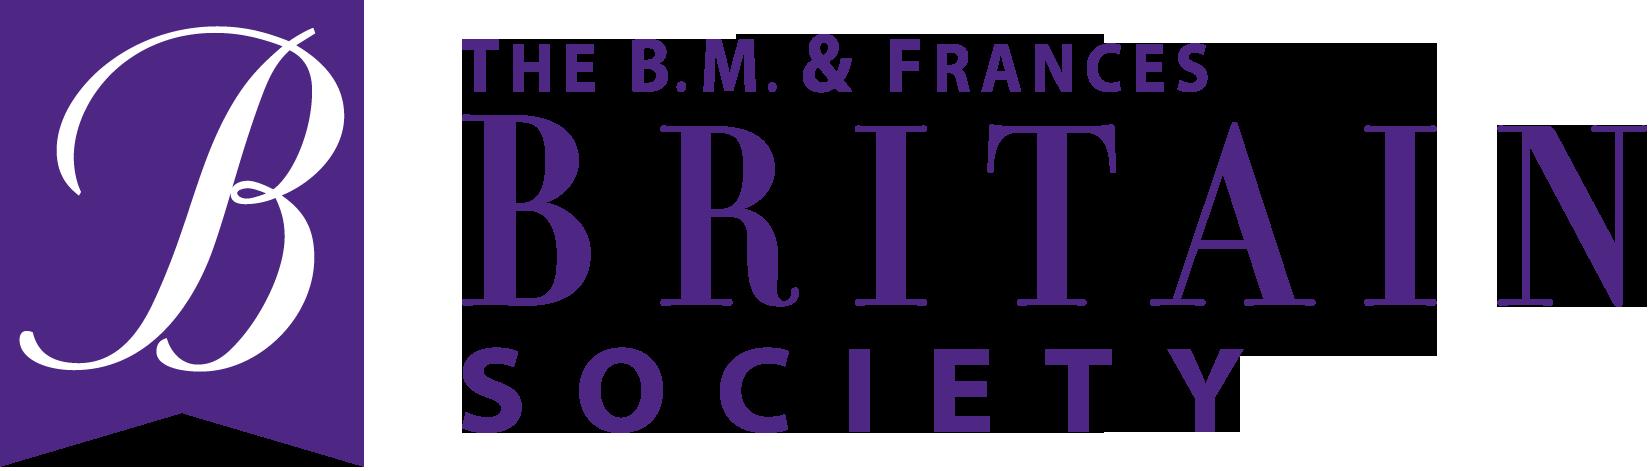 Britain Society Logo